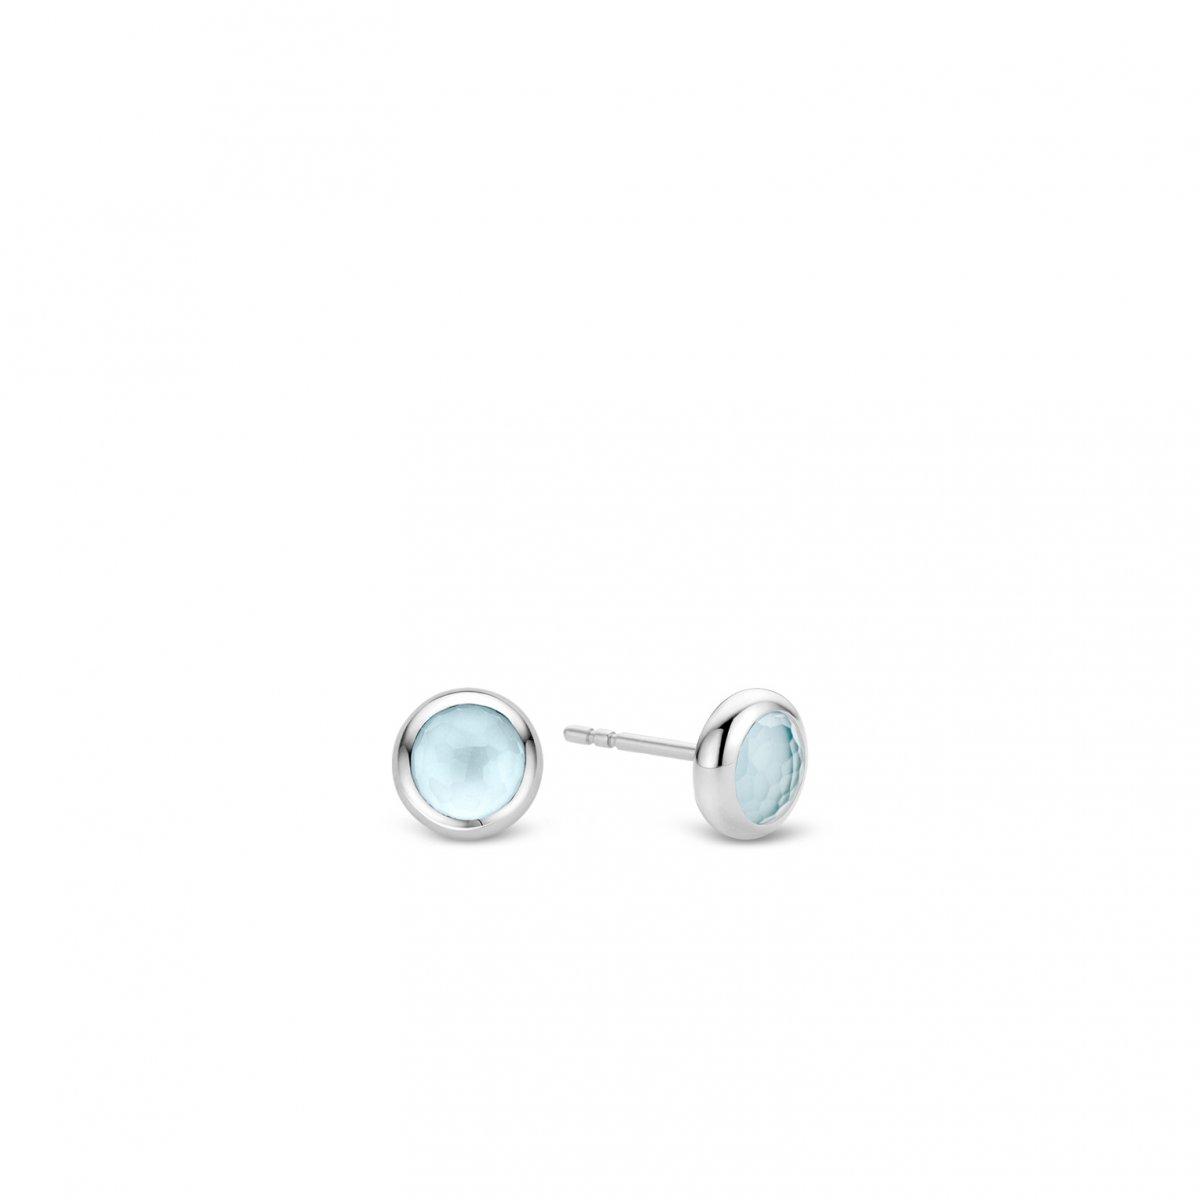 e271773c6 Náušnice TI SENTO s modrým kameňom 7748WL | MOLOKO